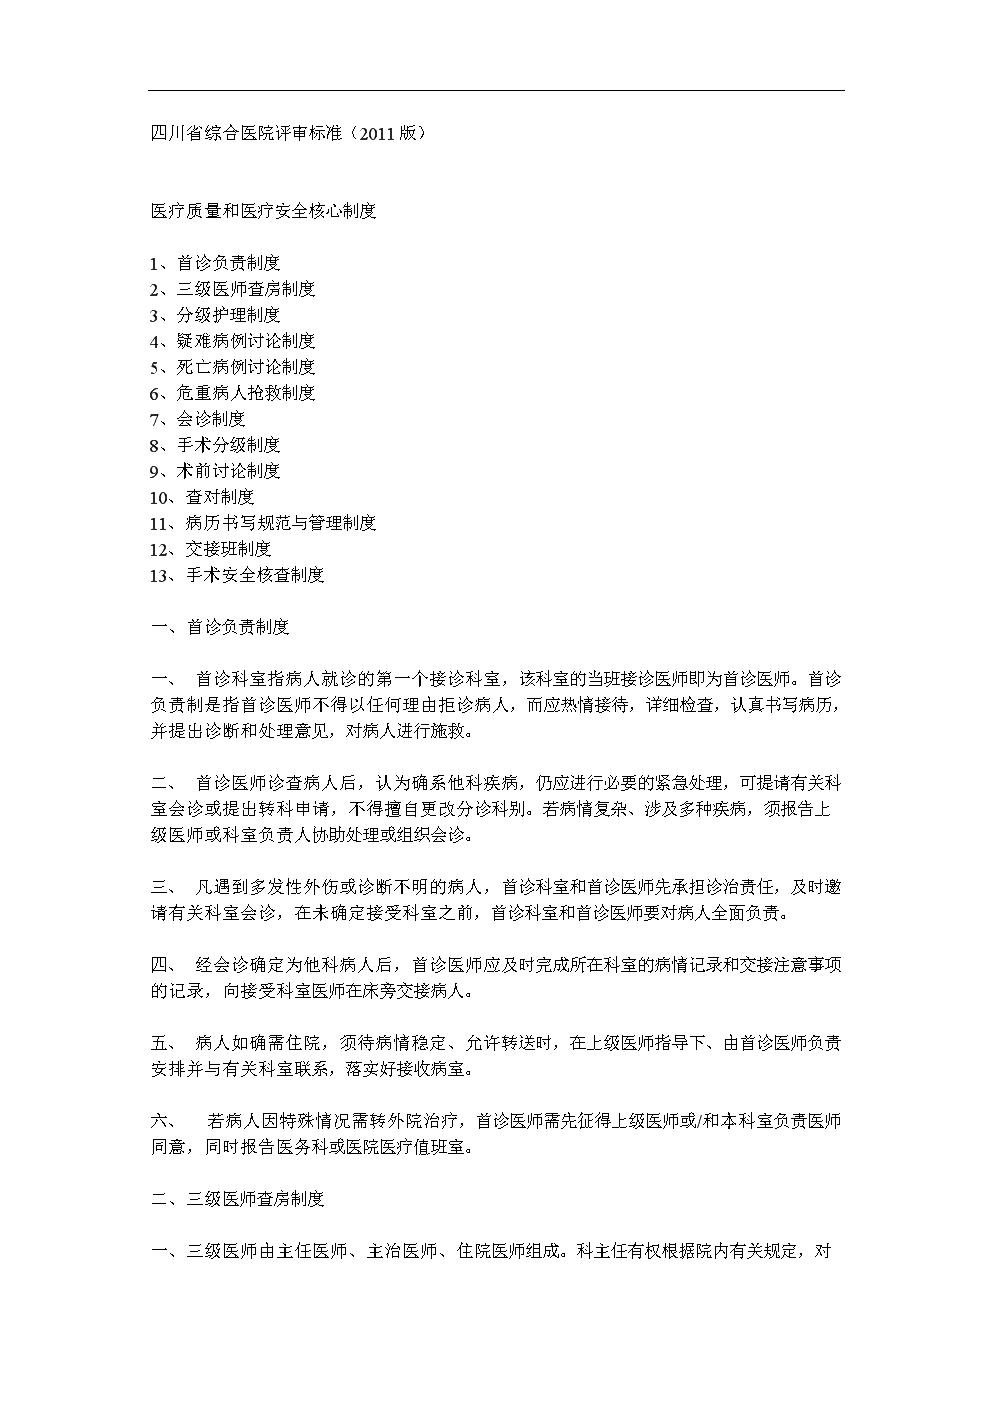 四川省综合医院评审标准-----医疗核心制度.doc